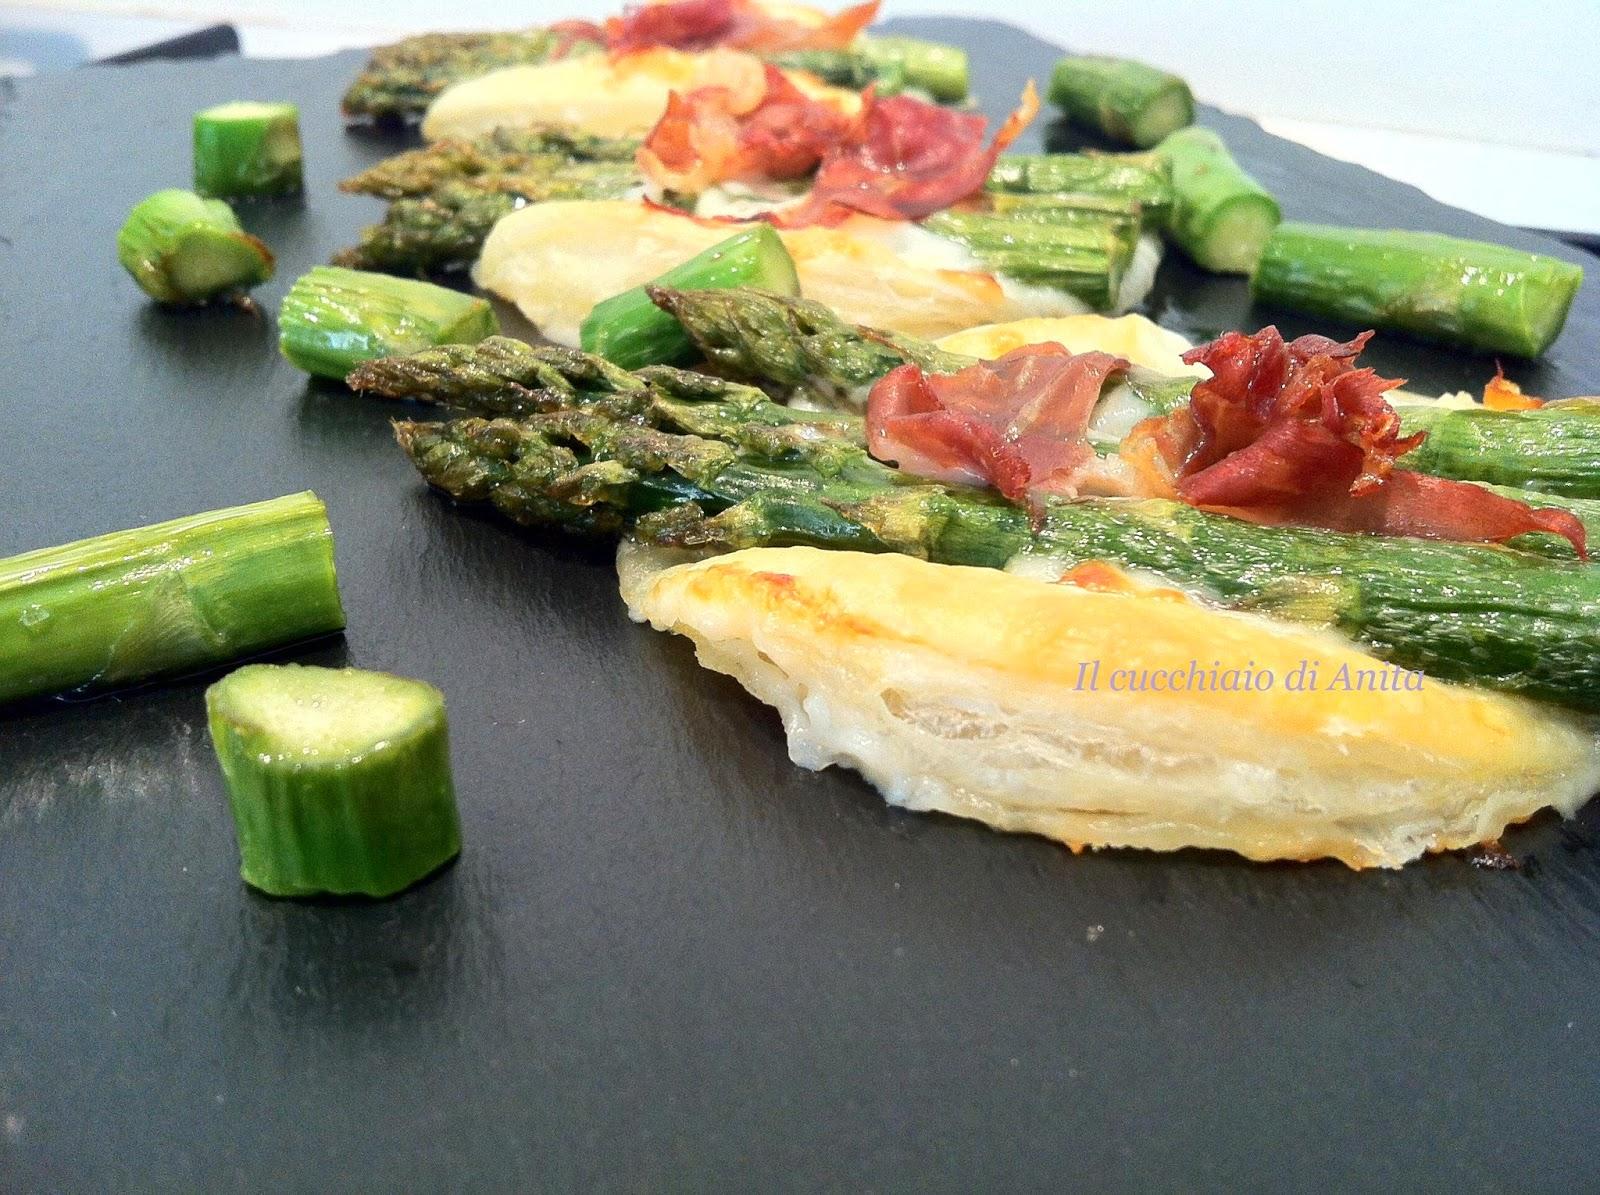 medaglioni di asparagi stracchino e parma